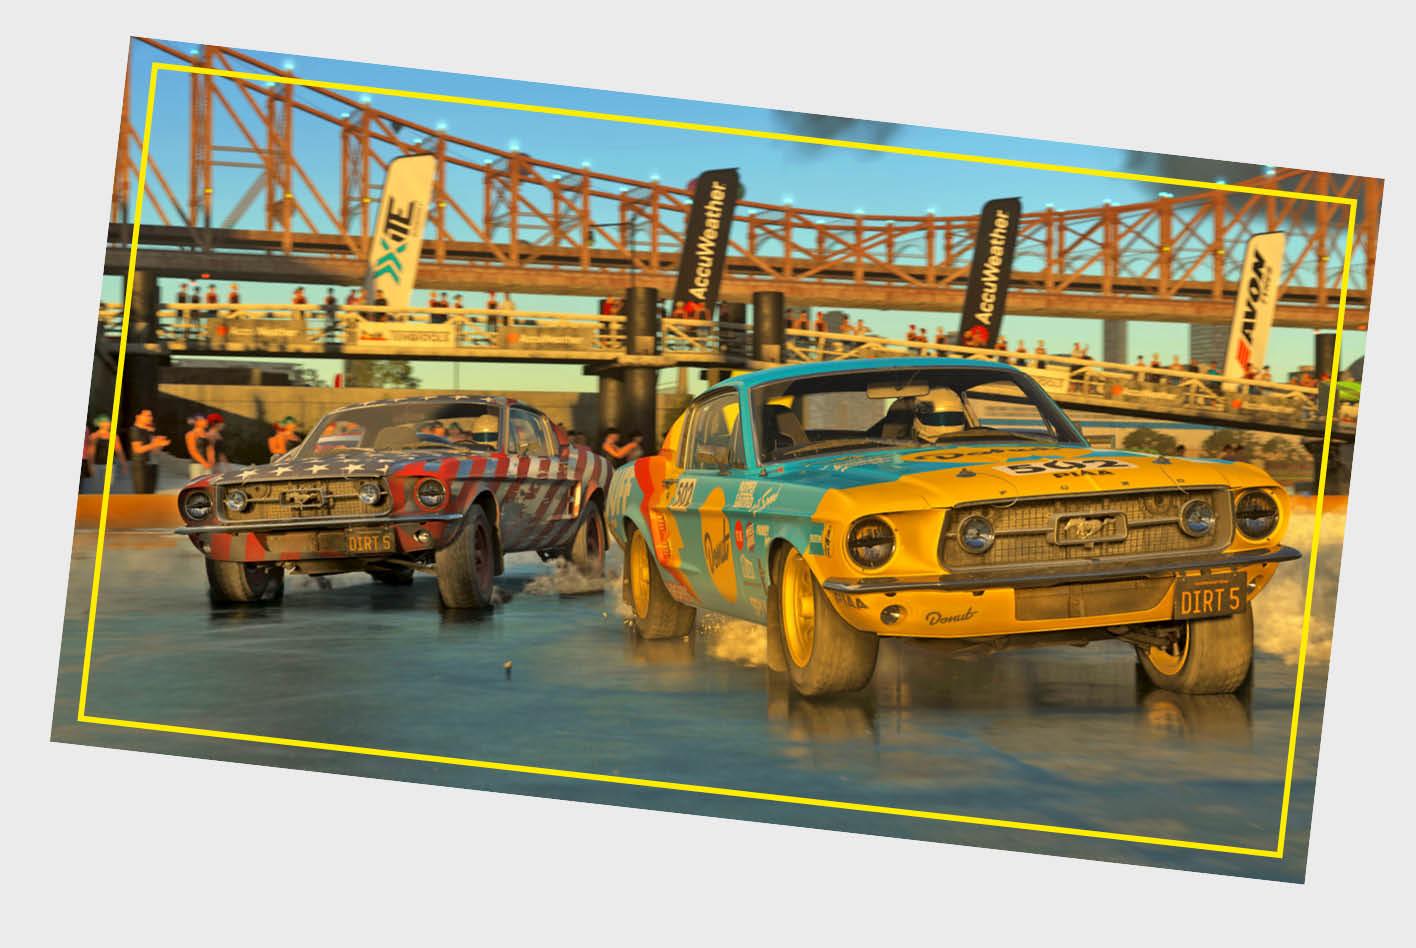 Das Racing-Game Dirt 5 bietet etwa 70 einzigartige Rennstrecken auf Kies, Sand, Schnee und mehr.